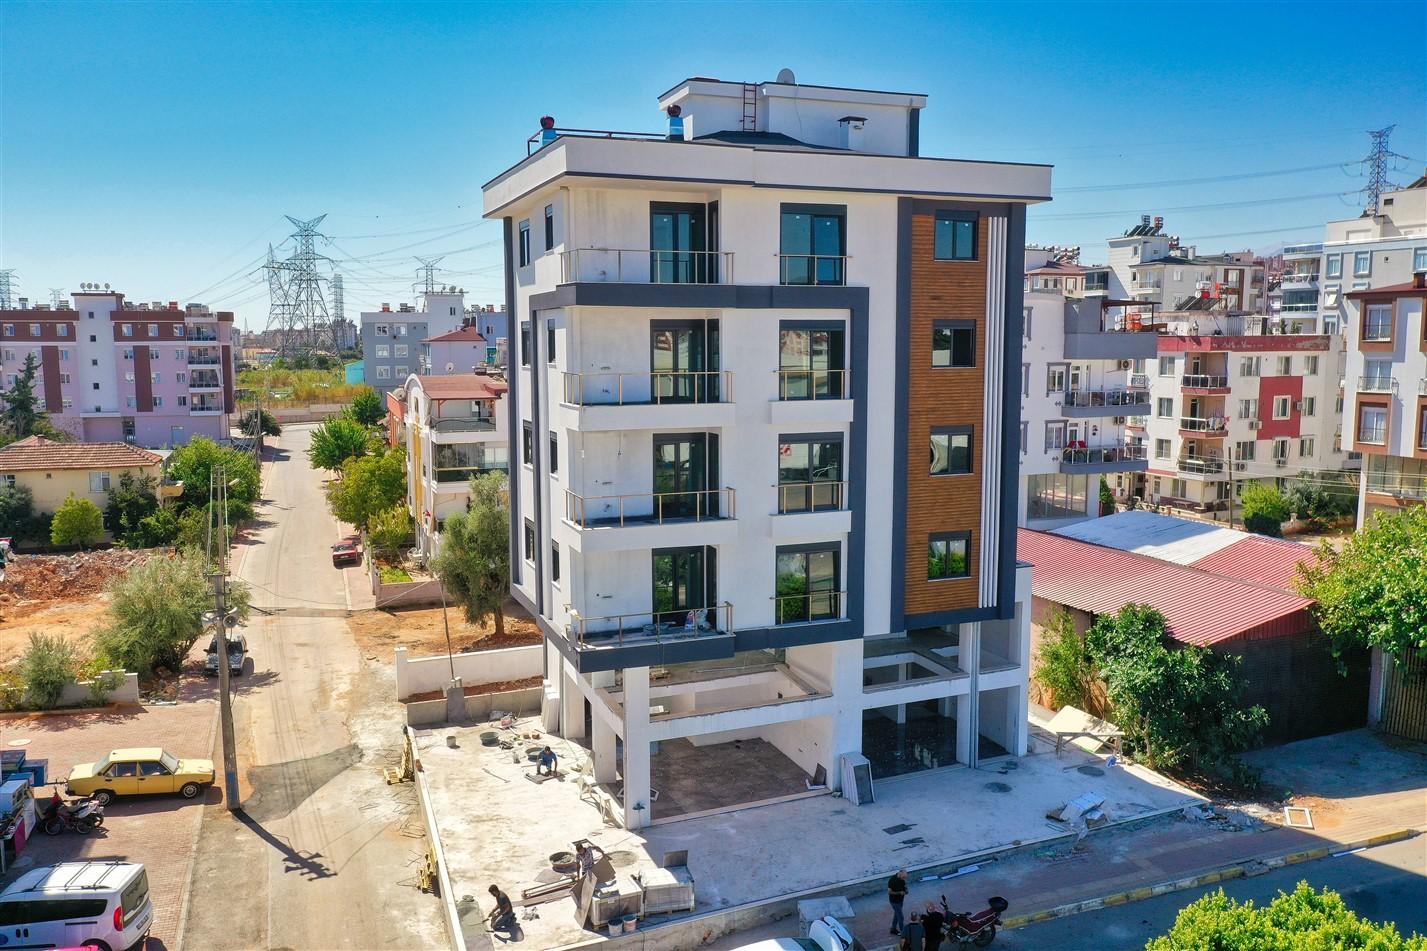 Четырёхкомнатная квартира в Анталье по демократичной цене - Фото 3